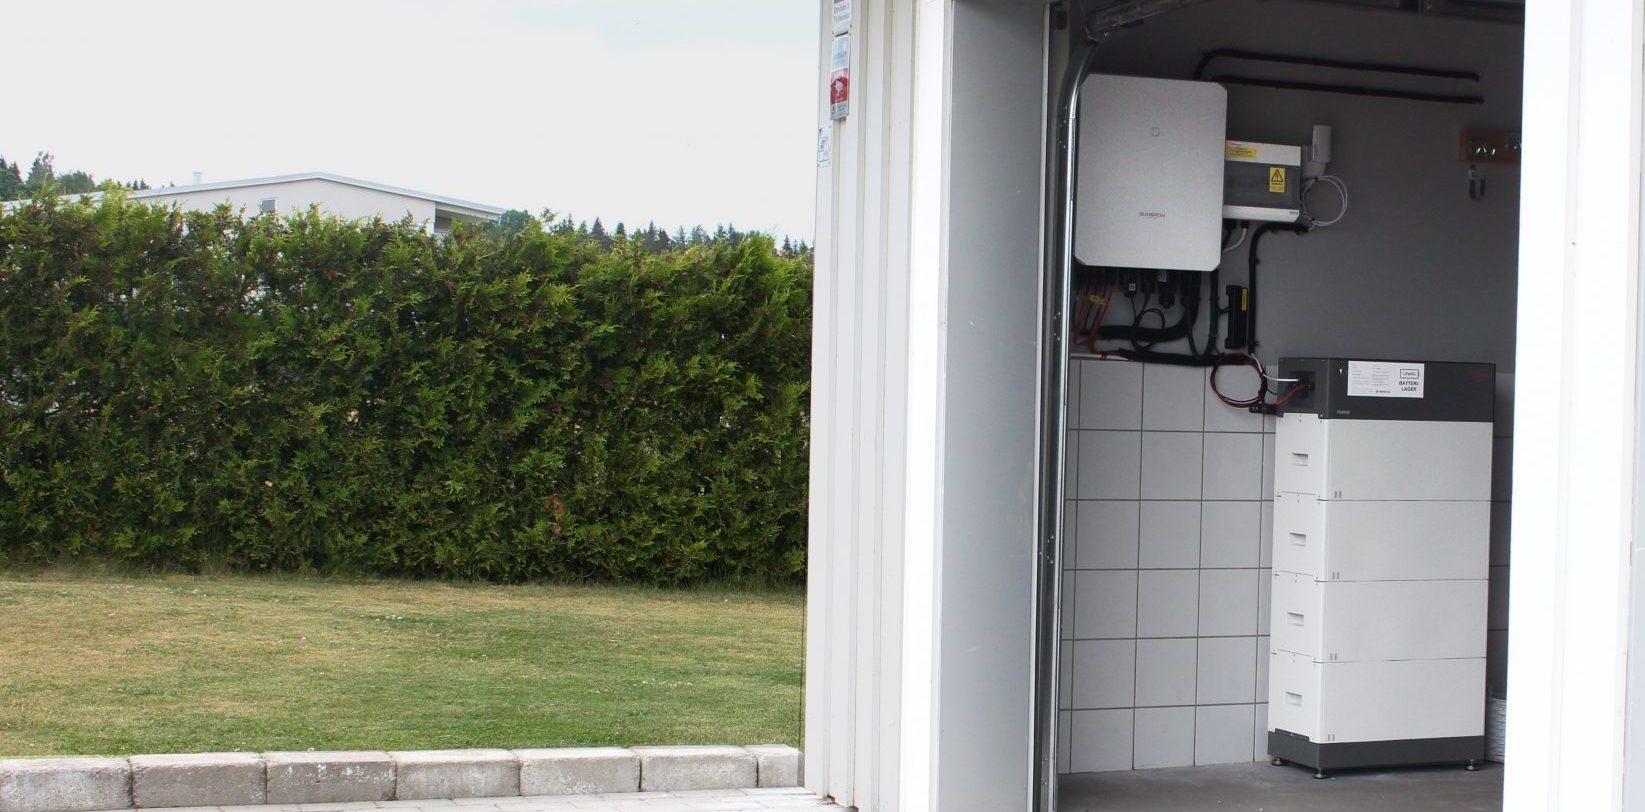 BYD batteri till villa ansluten till solcellsanläggning